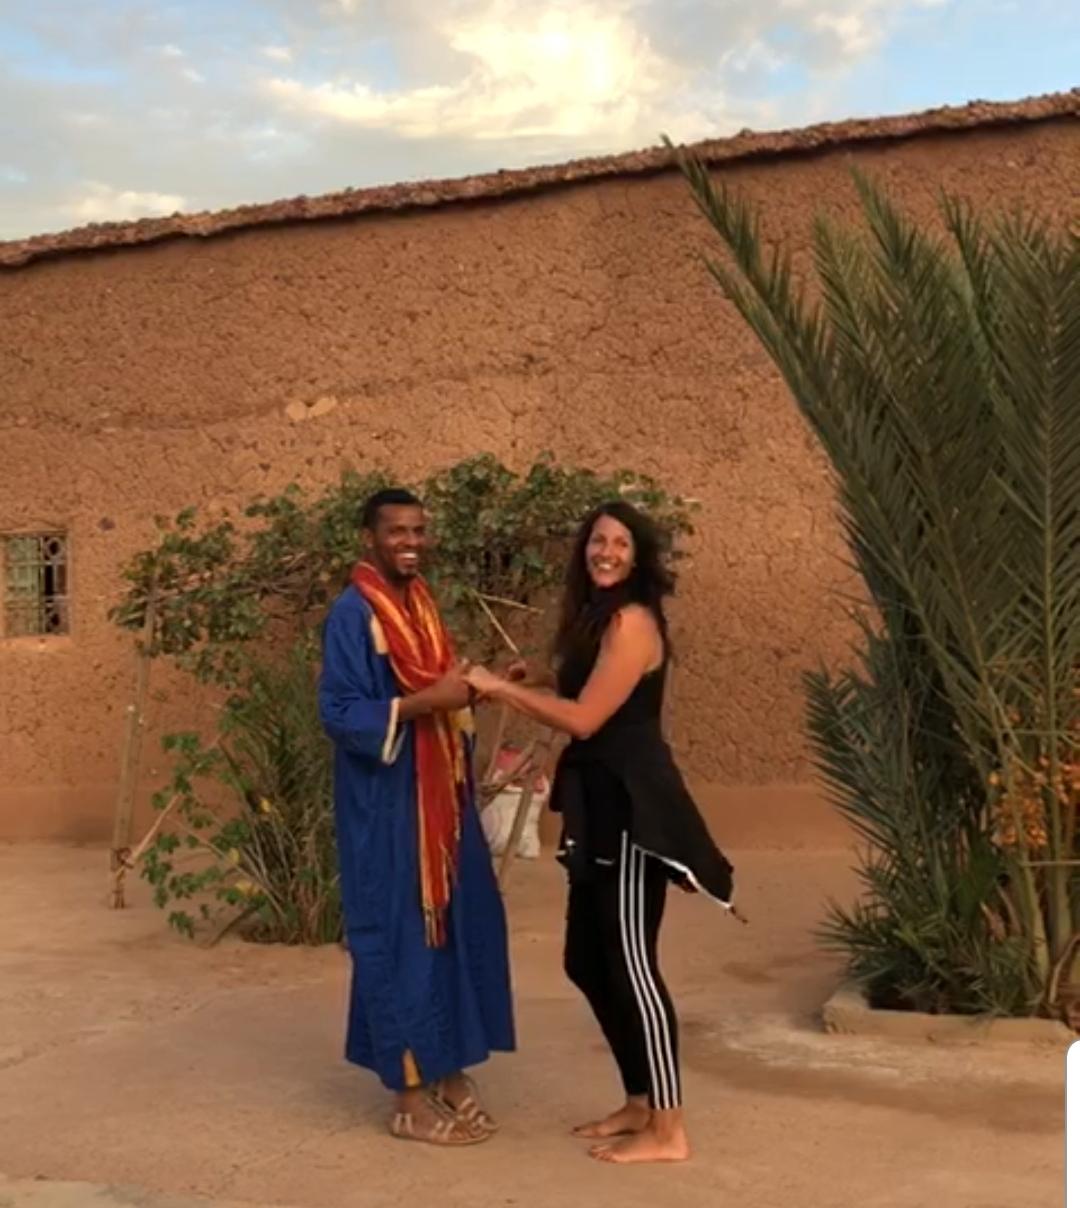 responsable de l'auberge qui apprend la bachata avec l'initiatrice de danses